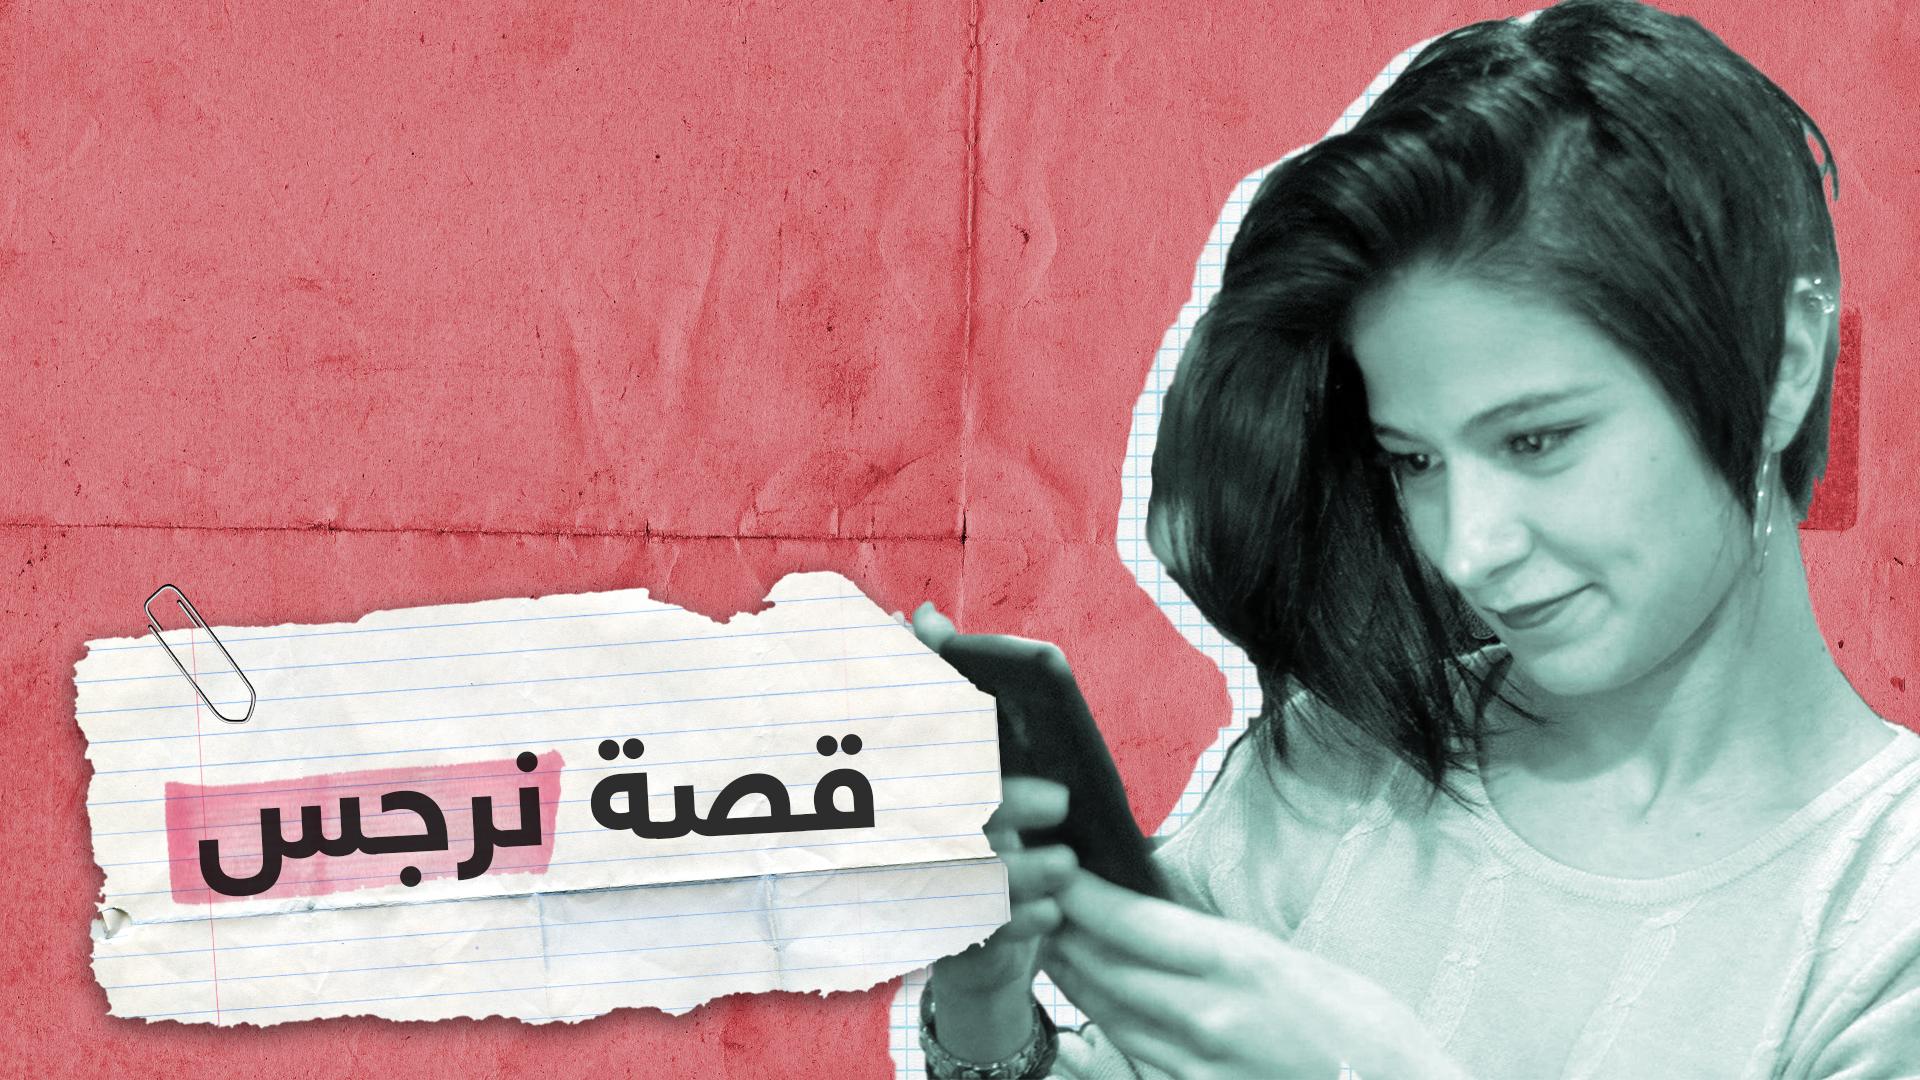 نرجس الجزائرية.. ناشطة كشفت الإهمال بالفيديو من داخل مستشفى فواجهت الاعتقال والقضاء